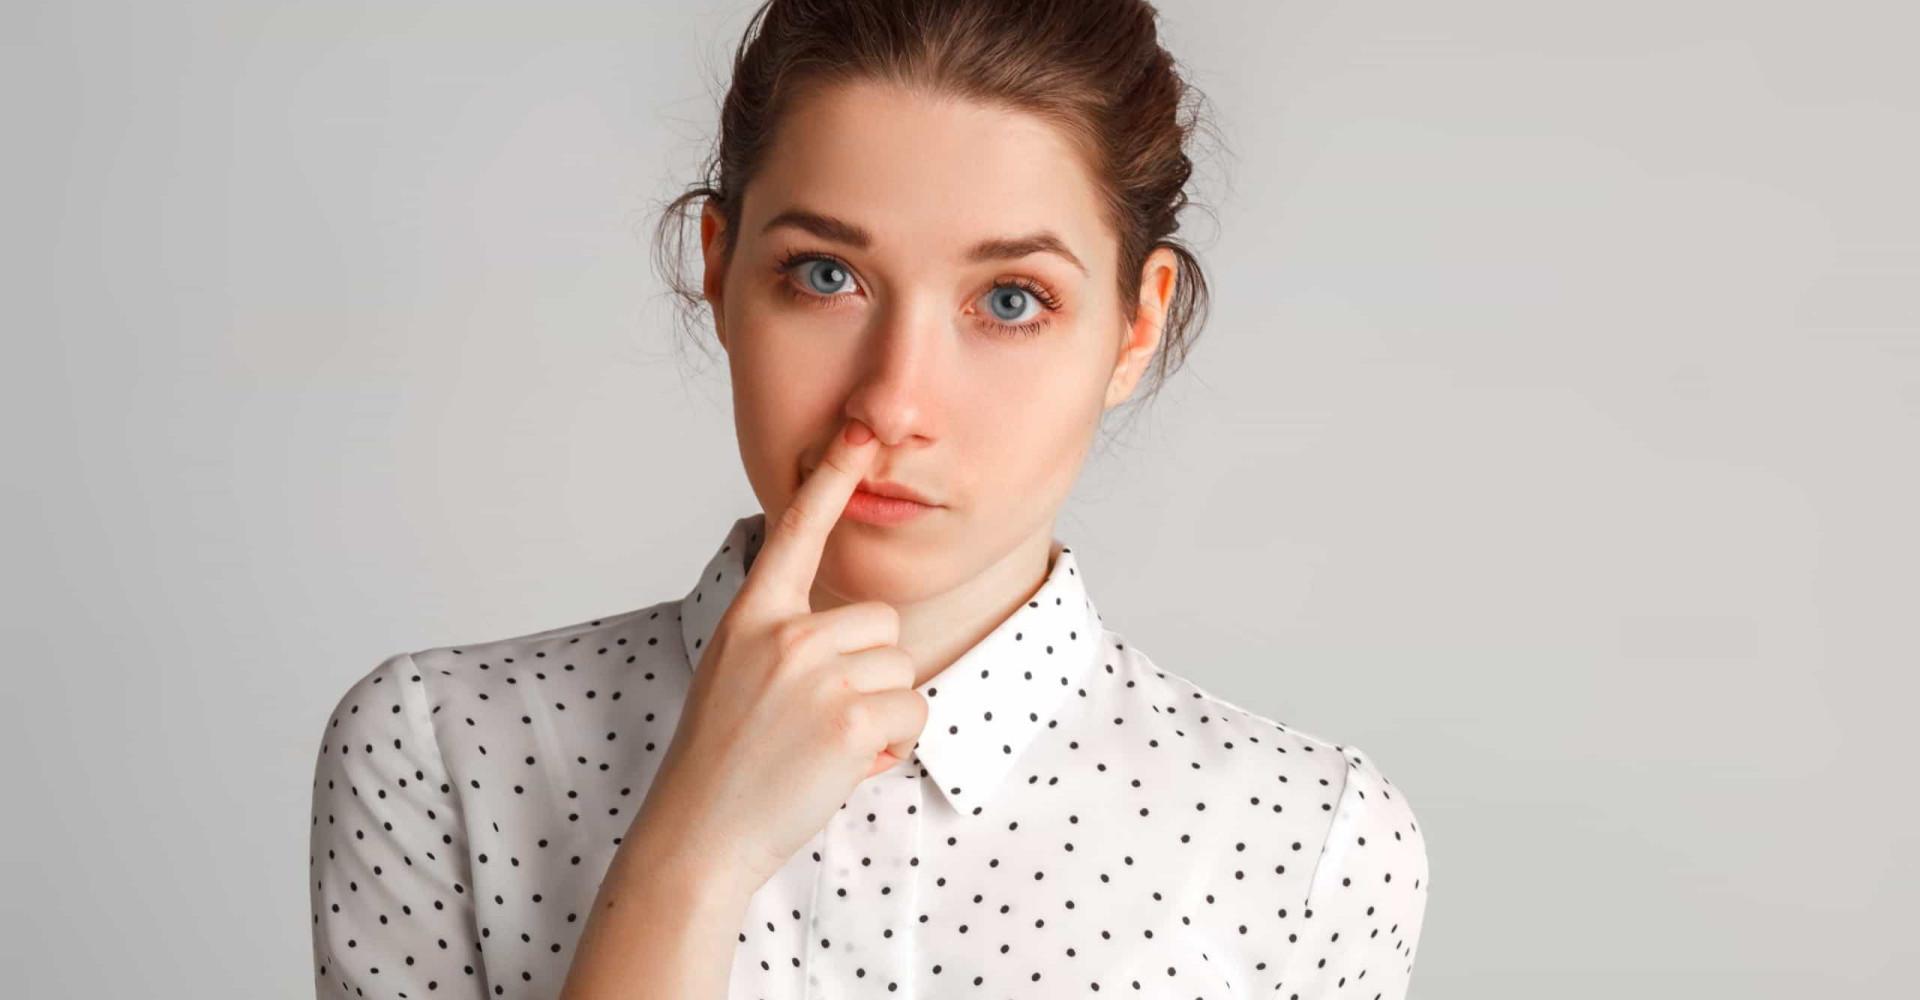 De gevaren van neuspeuteren